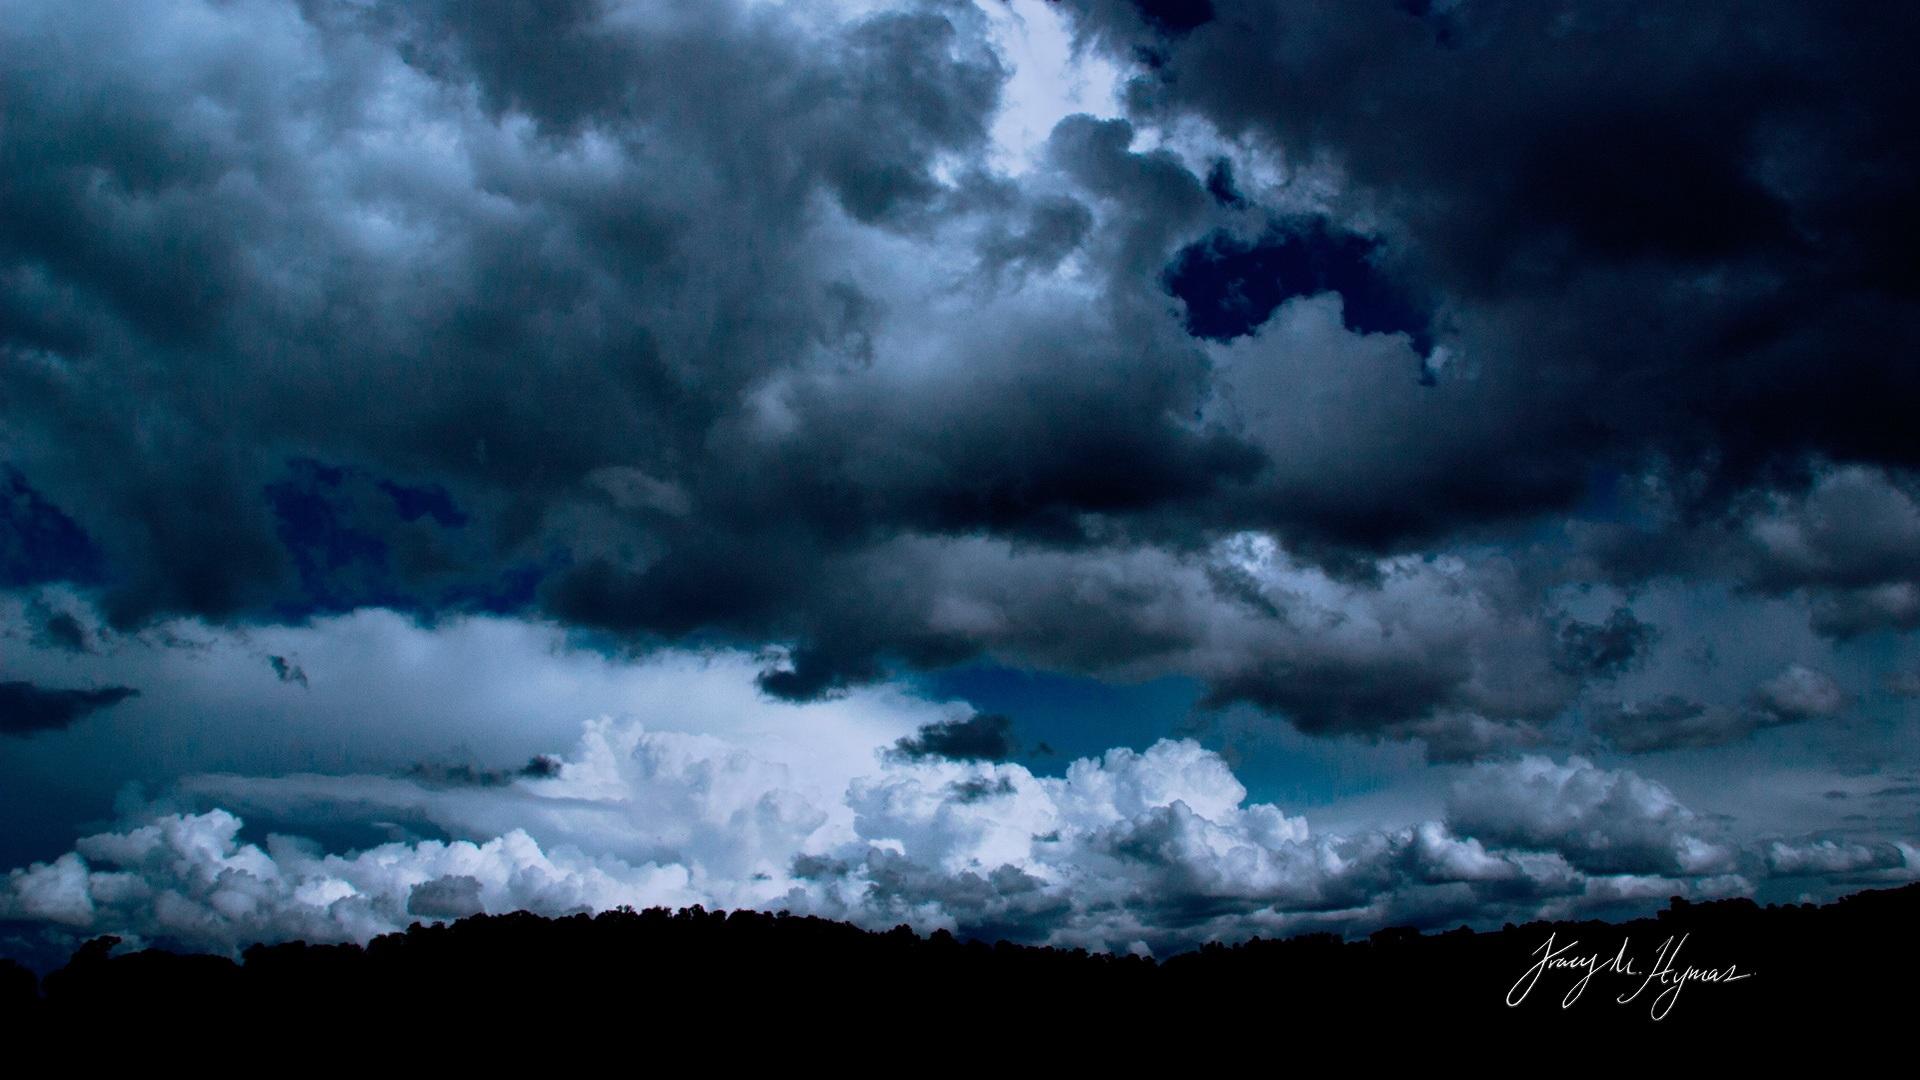 Dark Sky 1920x1080 Wallpapers 1920x1080 Wallpapers Pictures 1920x1080